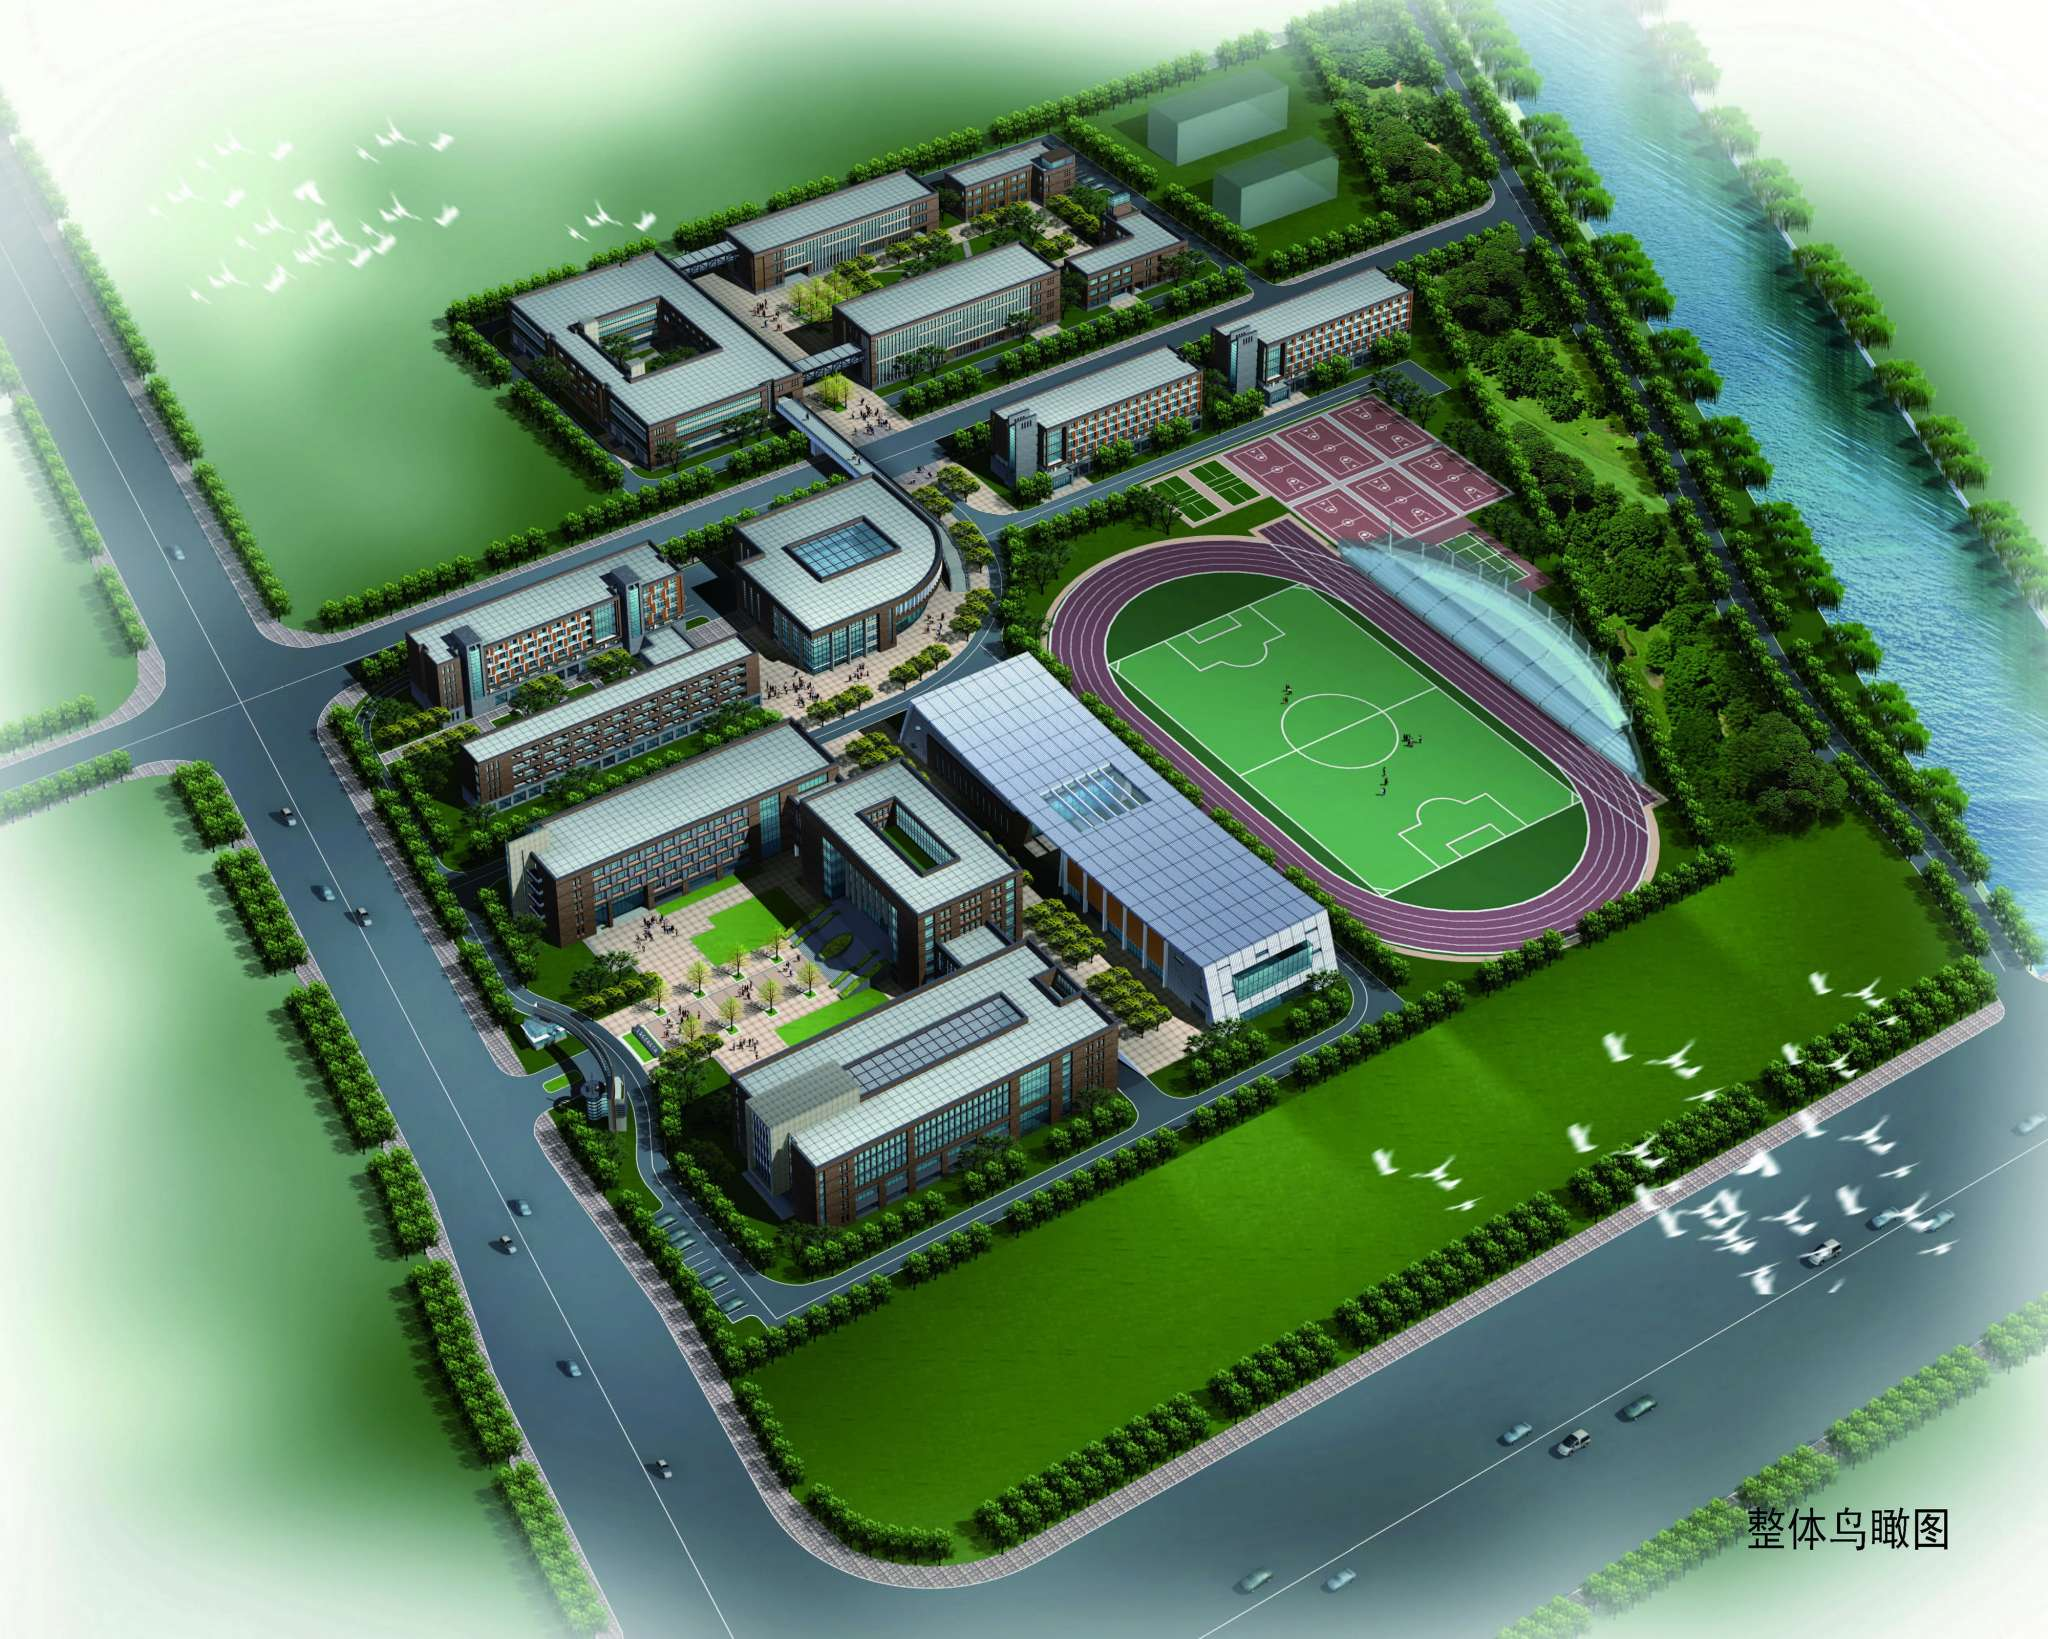 上海科技学校 - 天津华远都市建筑设计有限公司